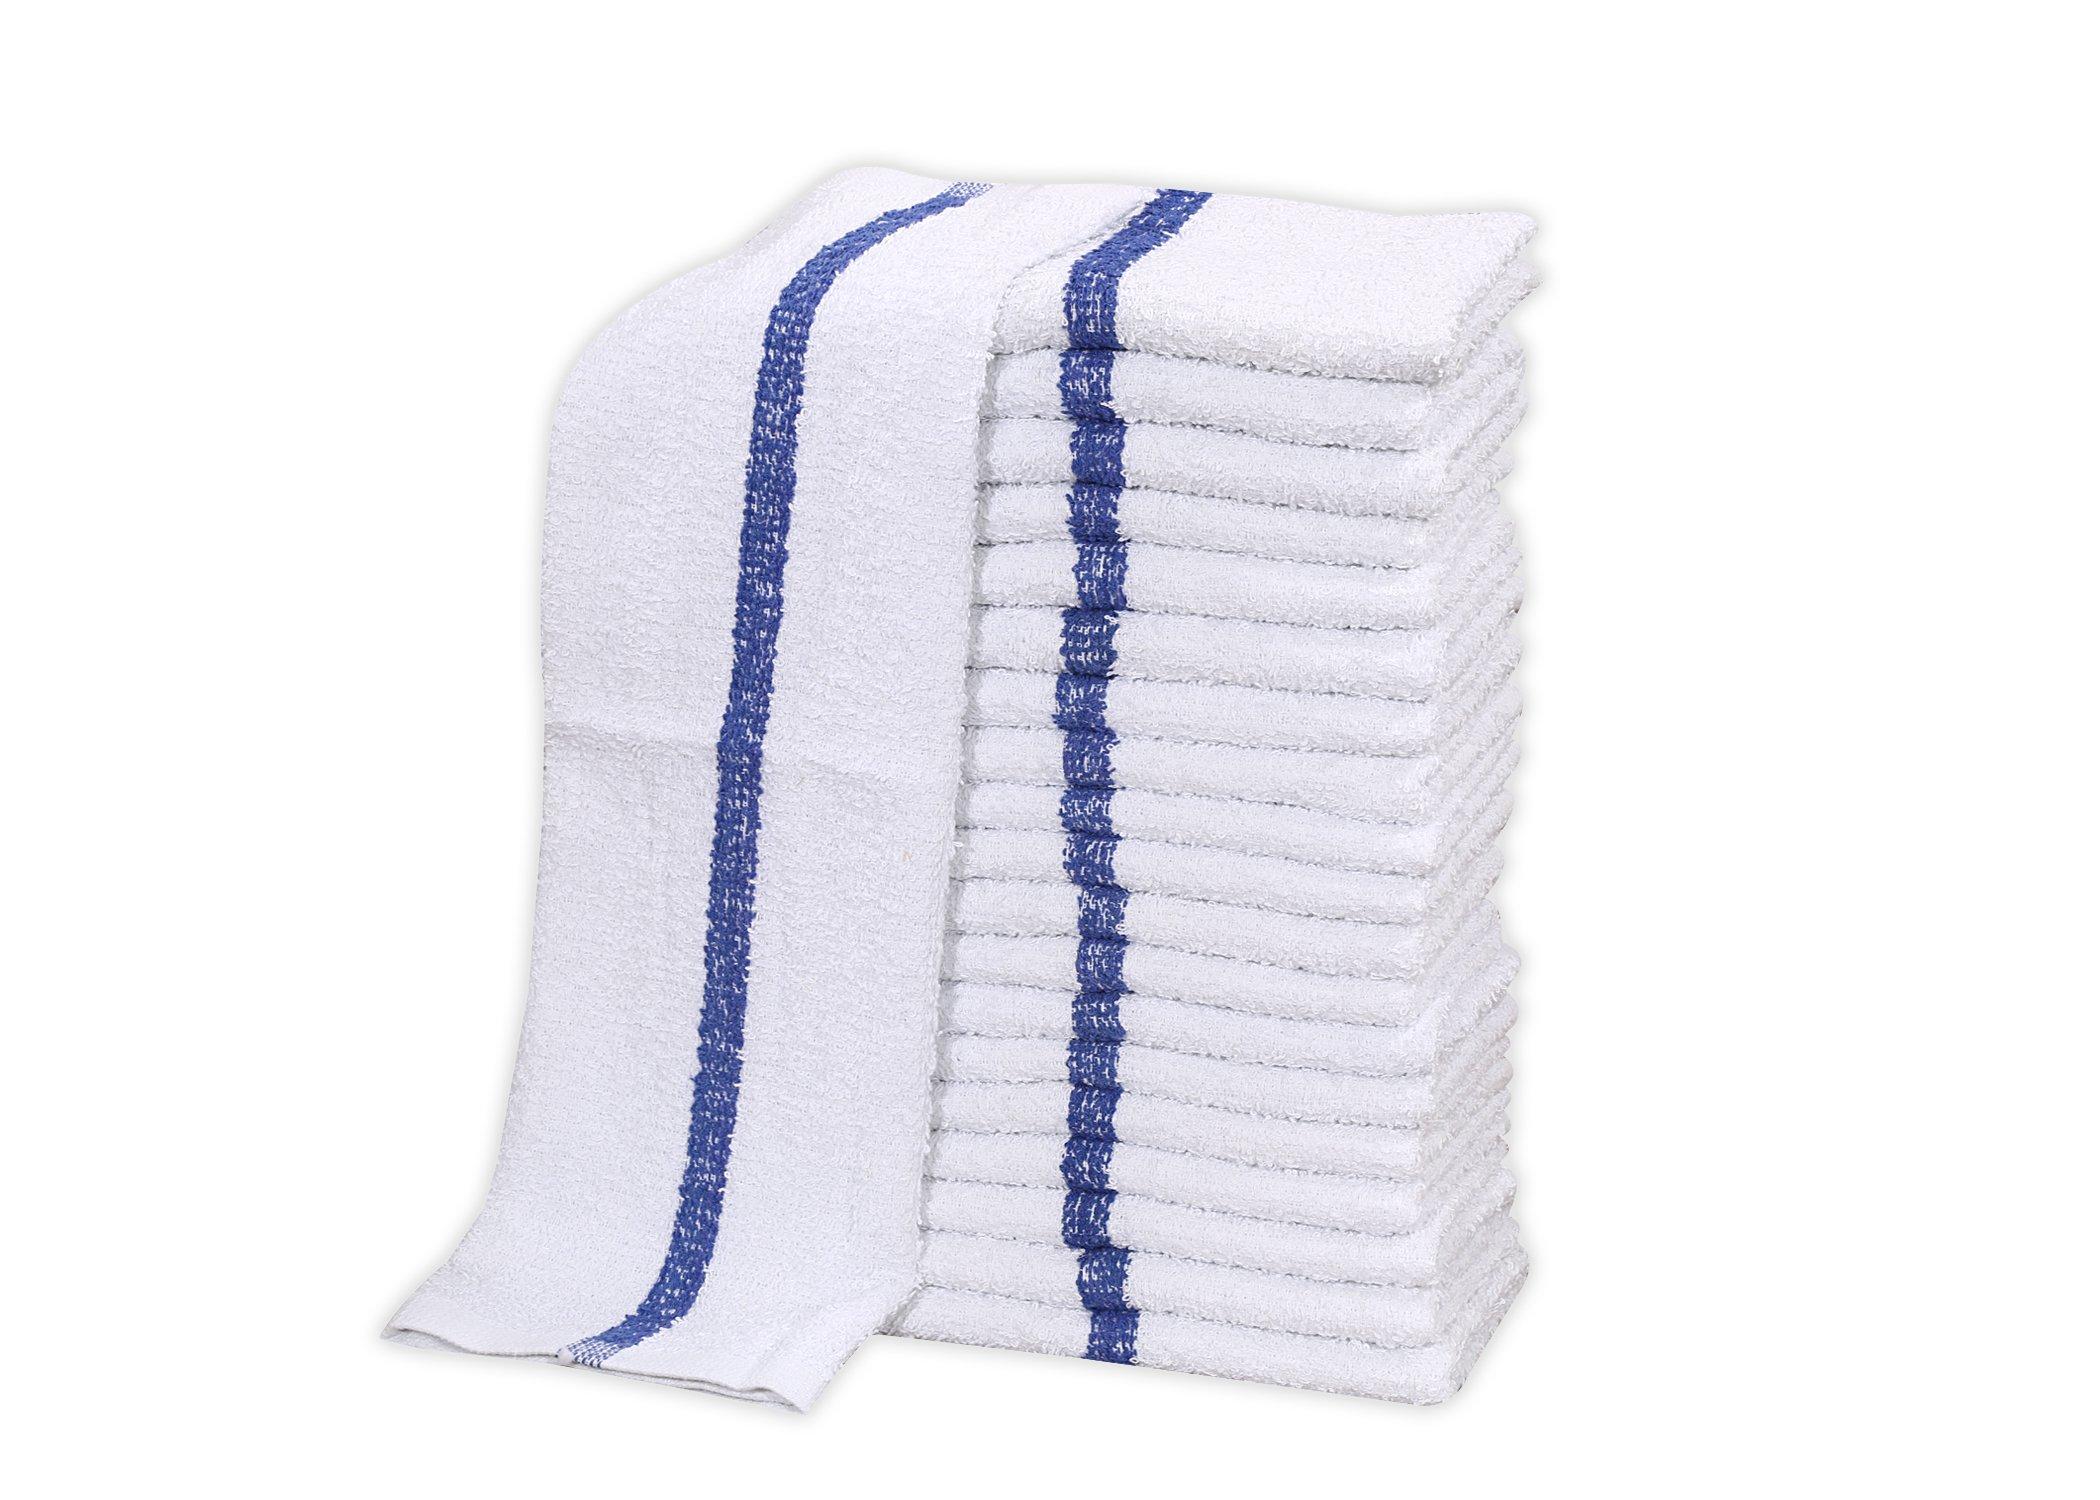 120 PC New 100% Cotton White Restaurant Bar Mops Kitchen Towels 28oz (10 DOZEN ) (120, Blue Stripe)